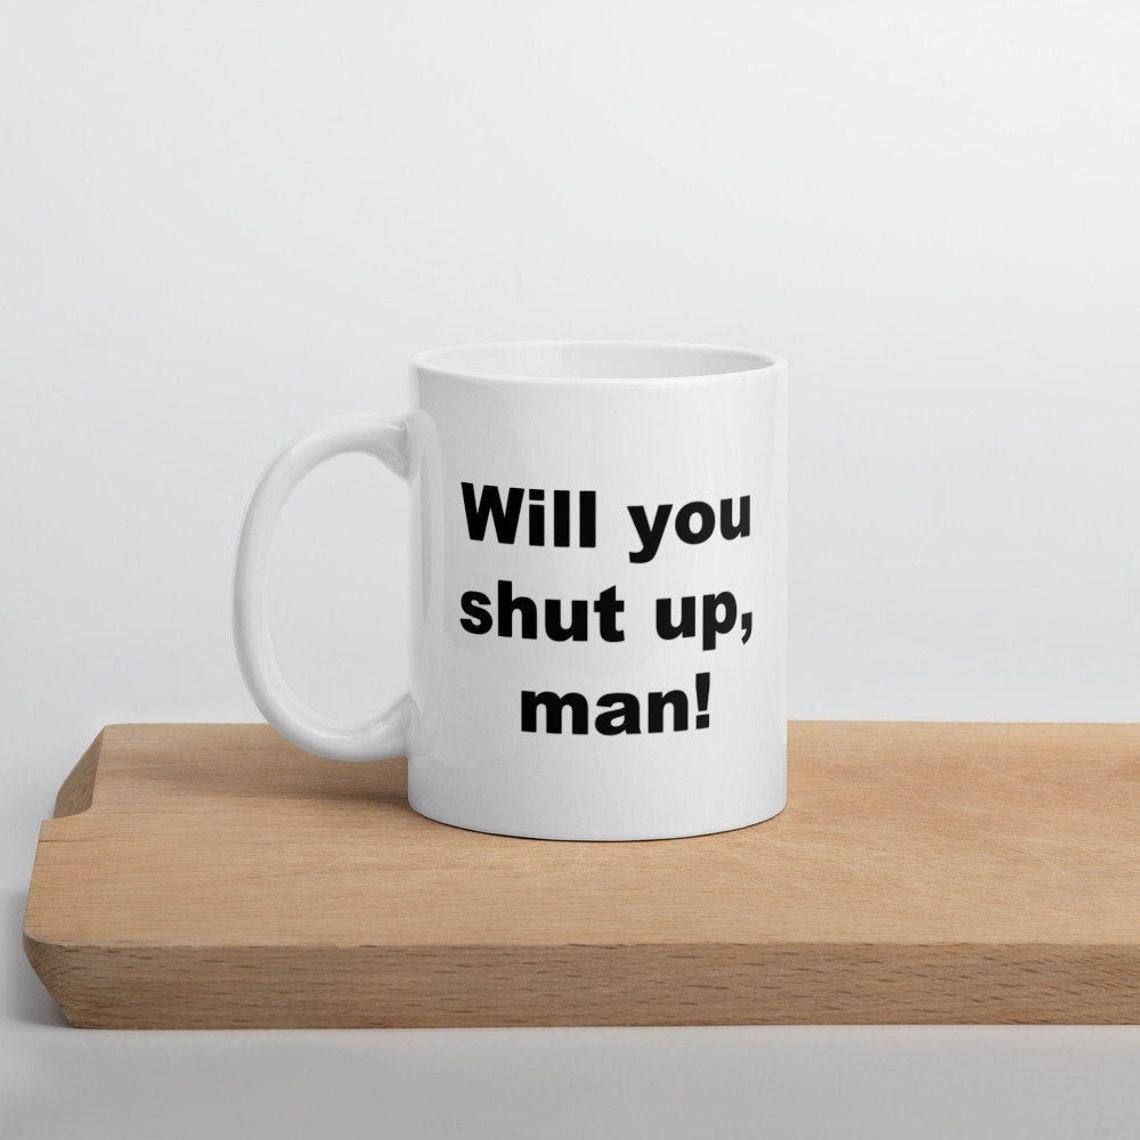 Tu vas faire taire lhomme  Joe Biden Mug Shut Up Man Mug image 0